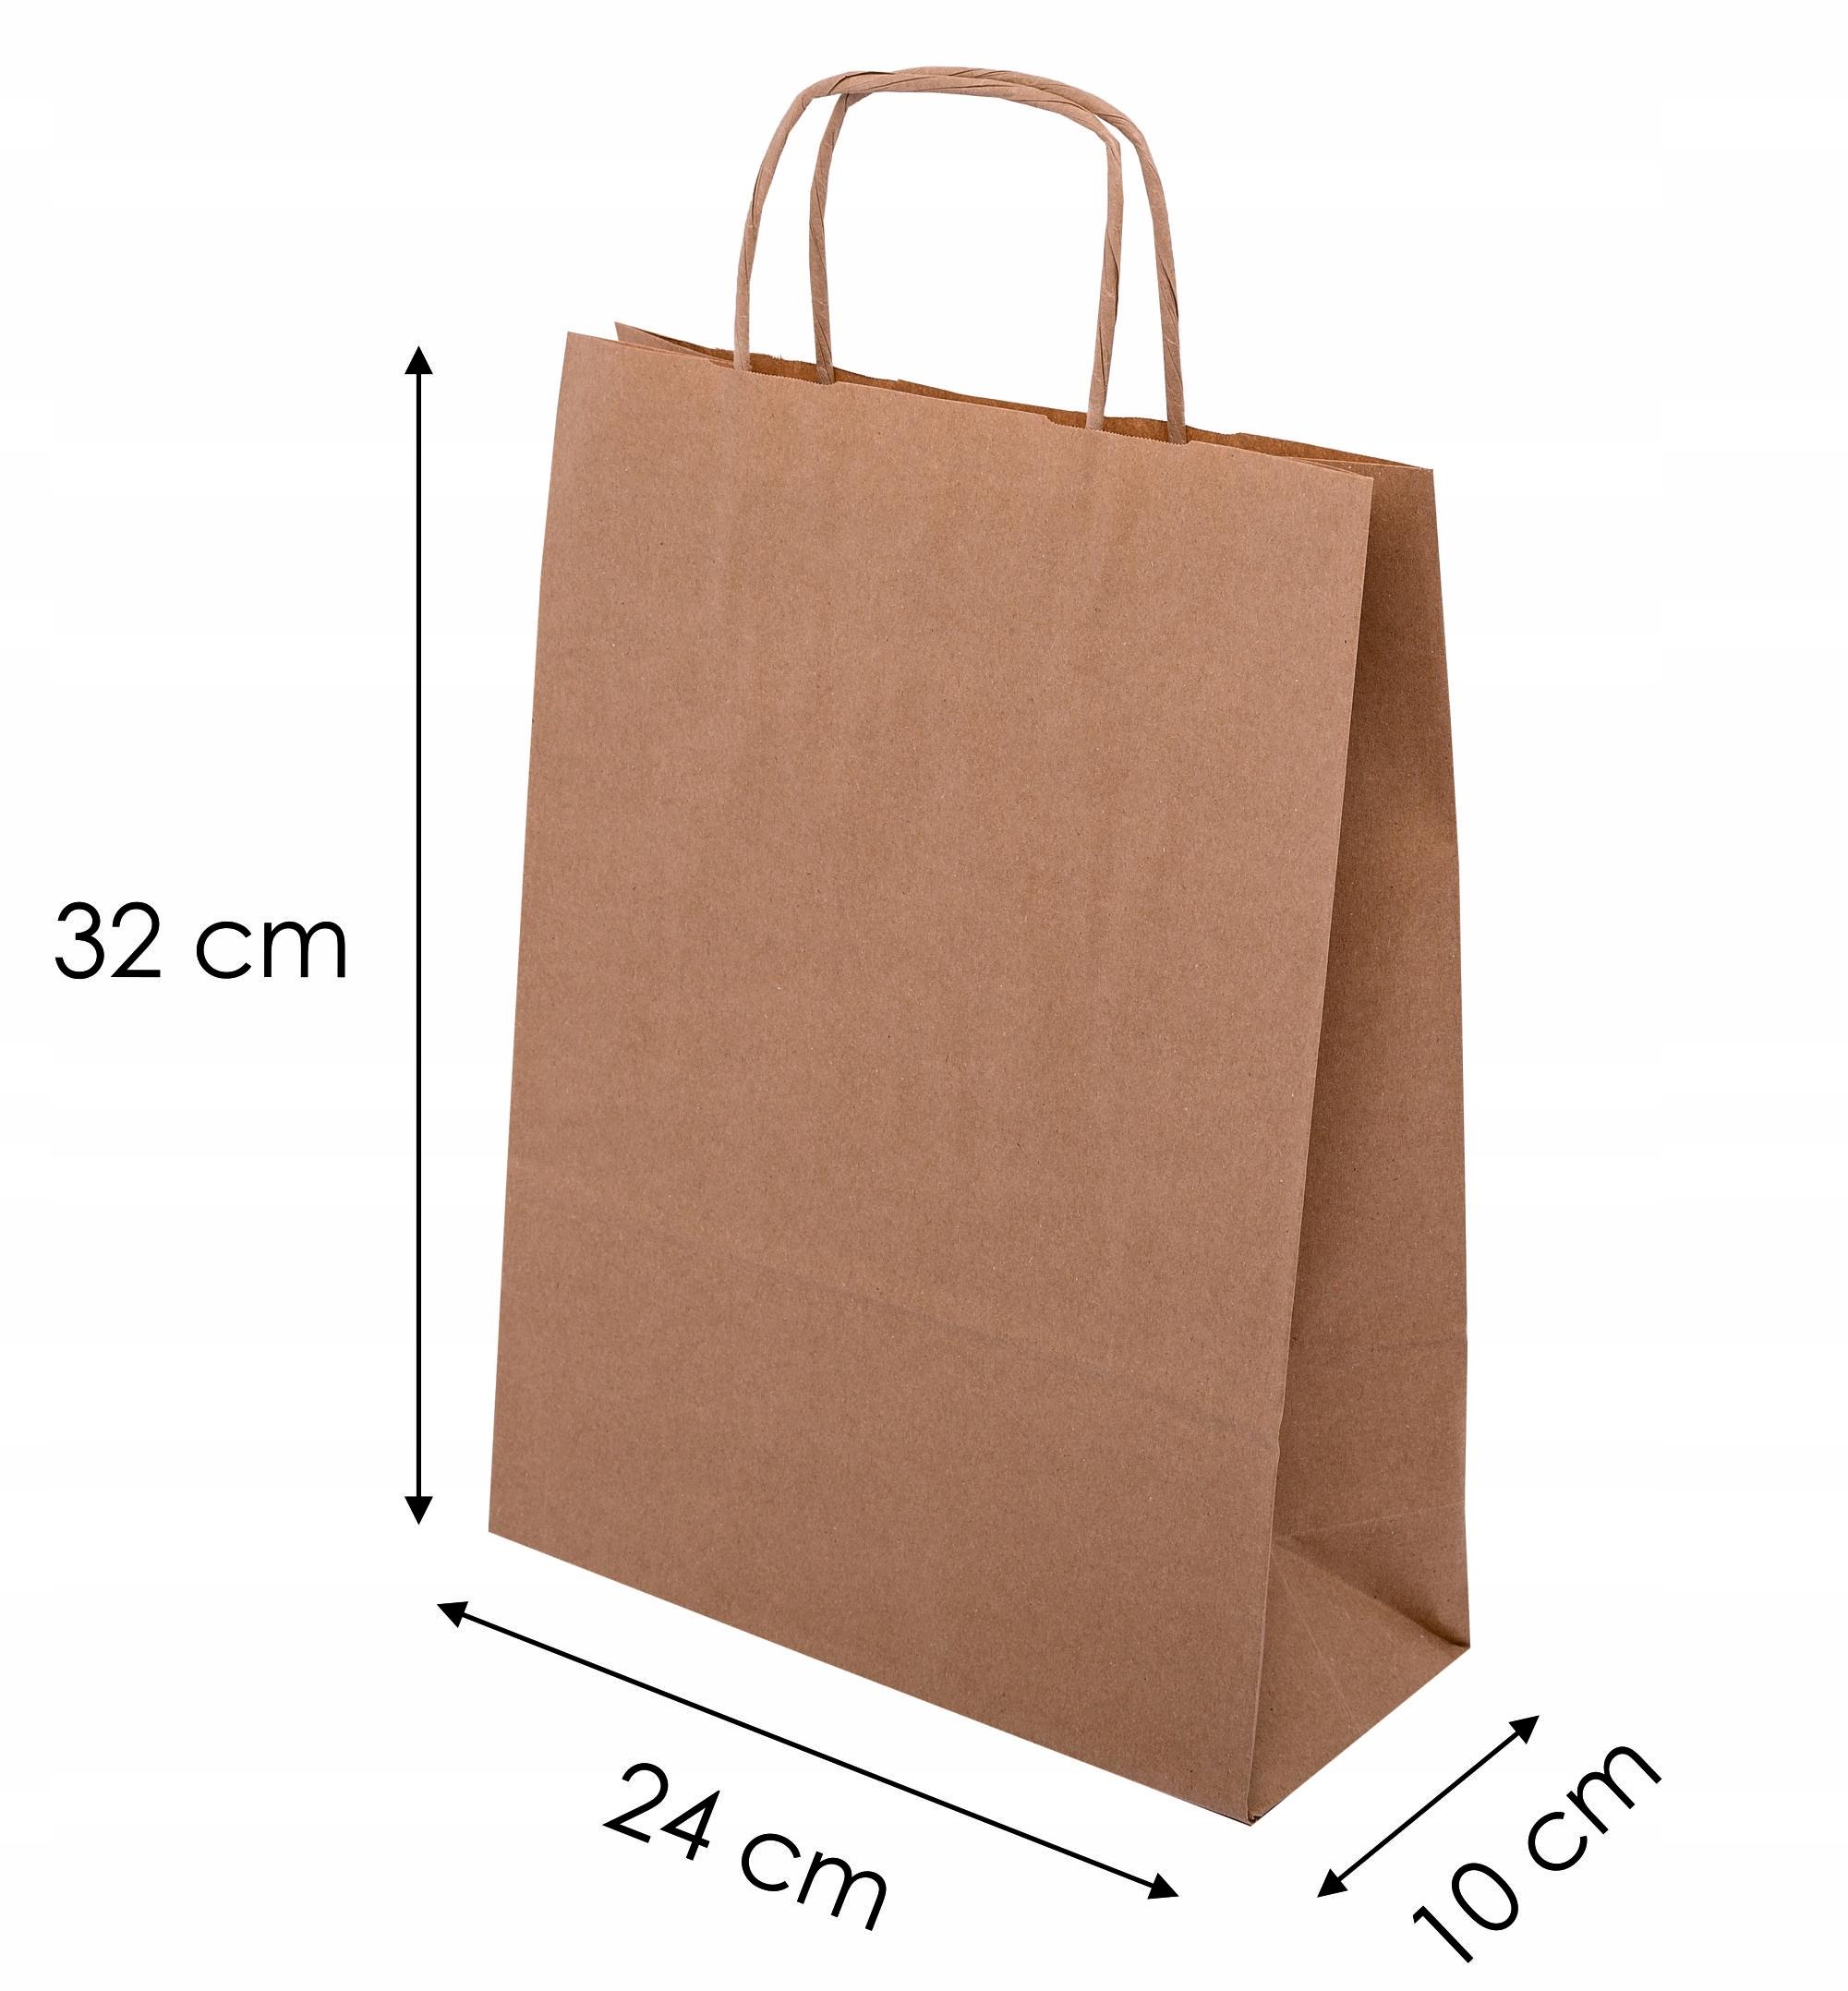 Torba Papierowa Ekologiczna 240x100x320 Torby Eko 8421178144